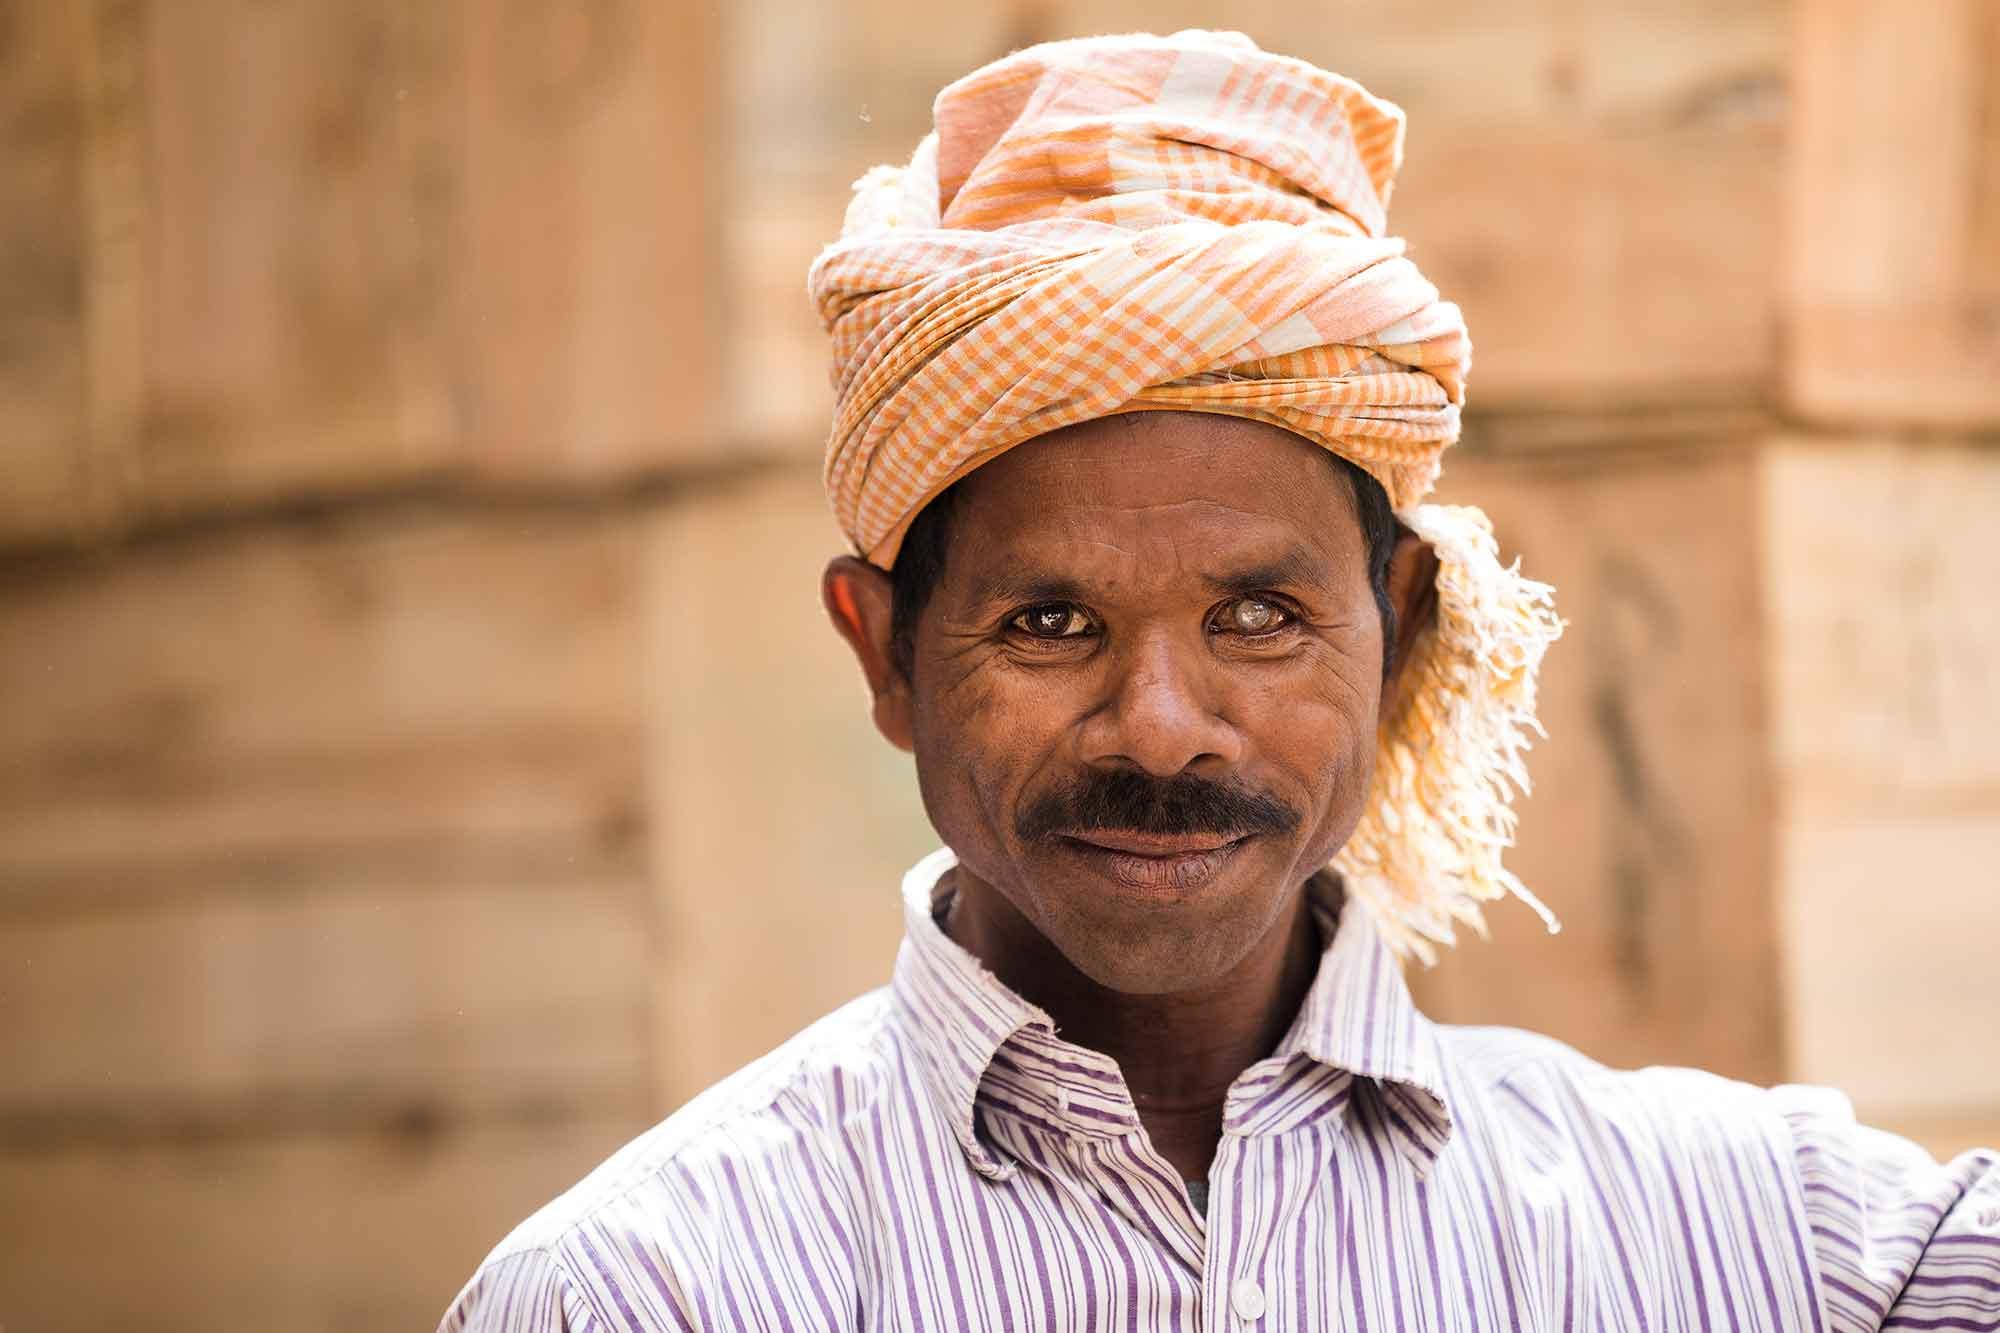 portrait-Mechhua-Fruit-Market-blind-worker-kolkata-india